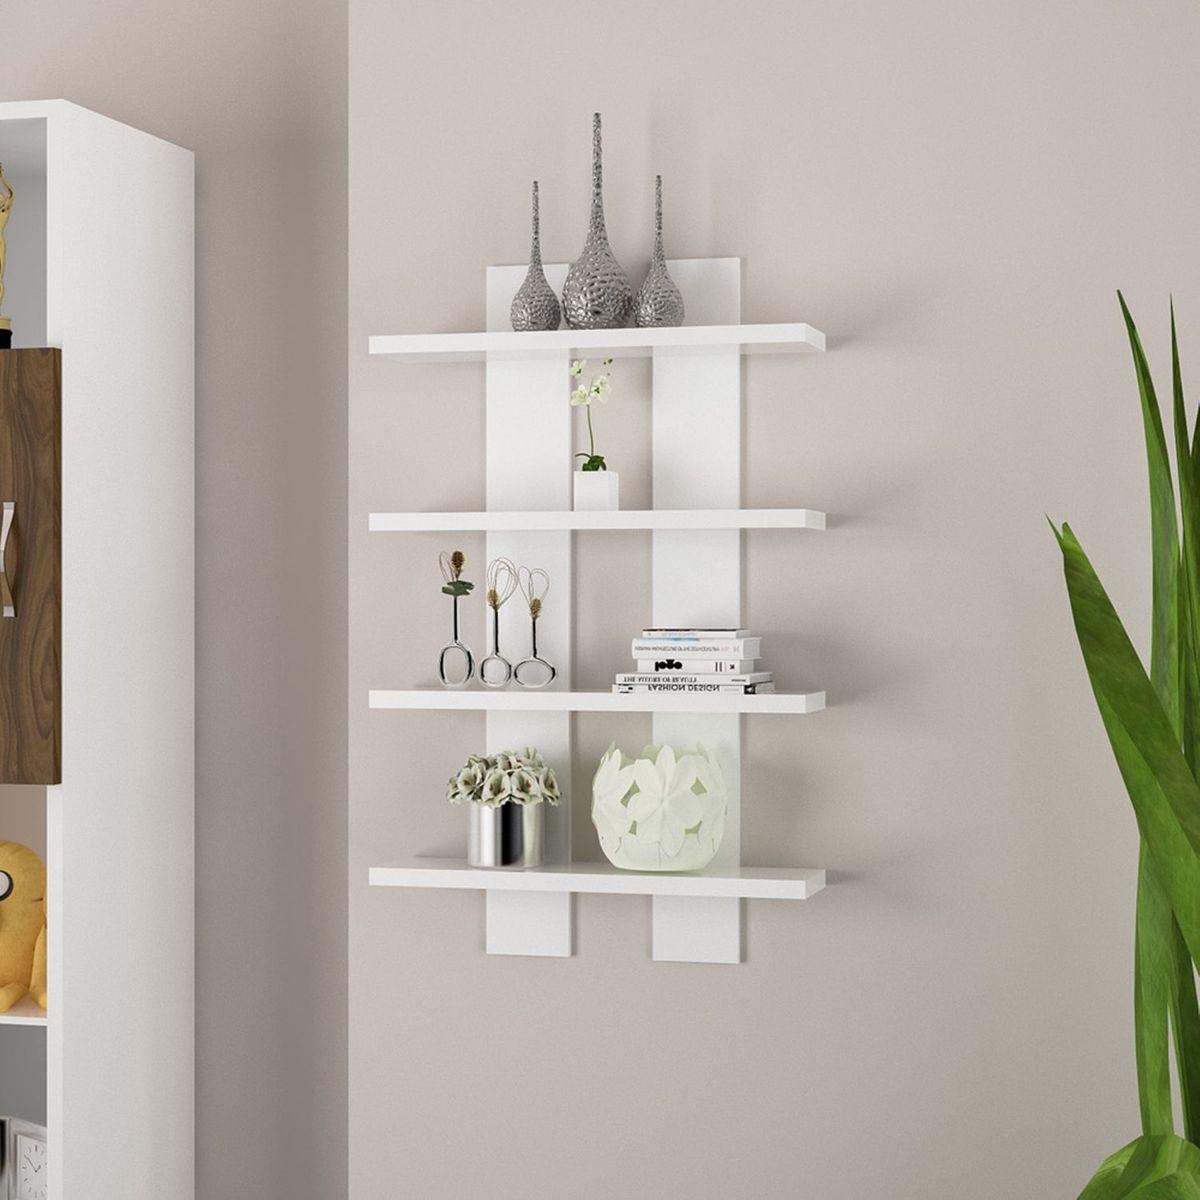 Etagere Murale Design Nergis In 2020 Shelves Floating Shelves